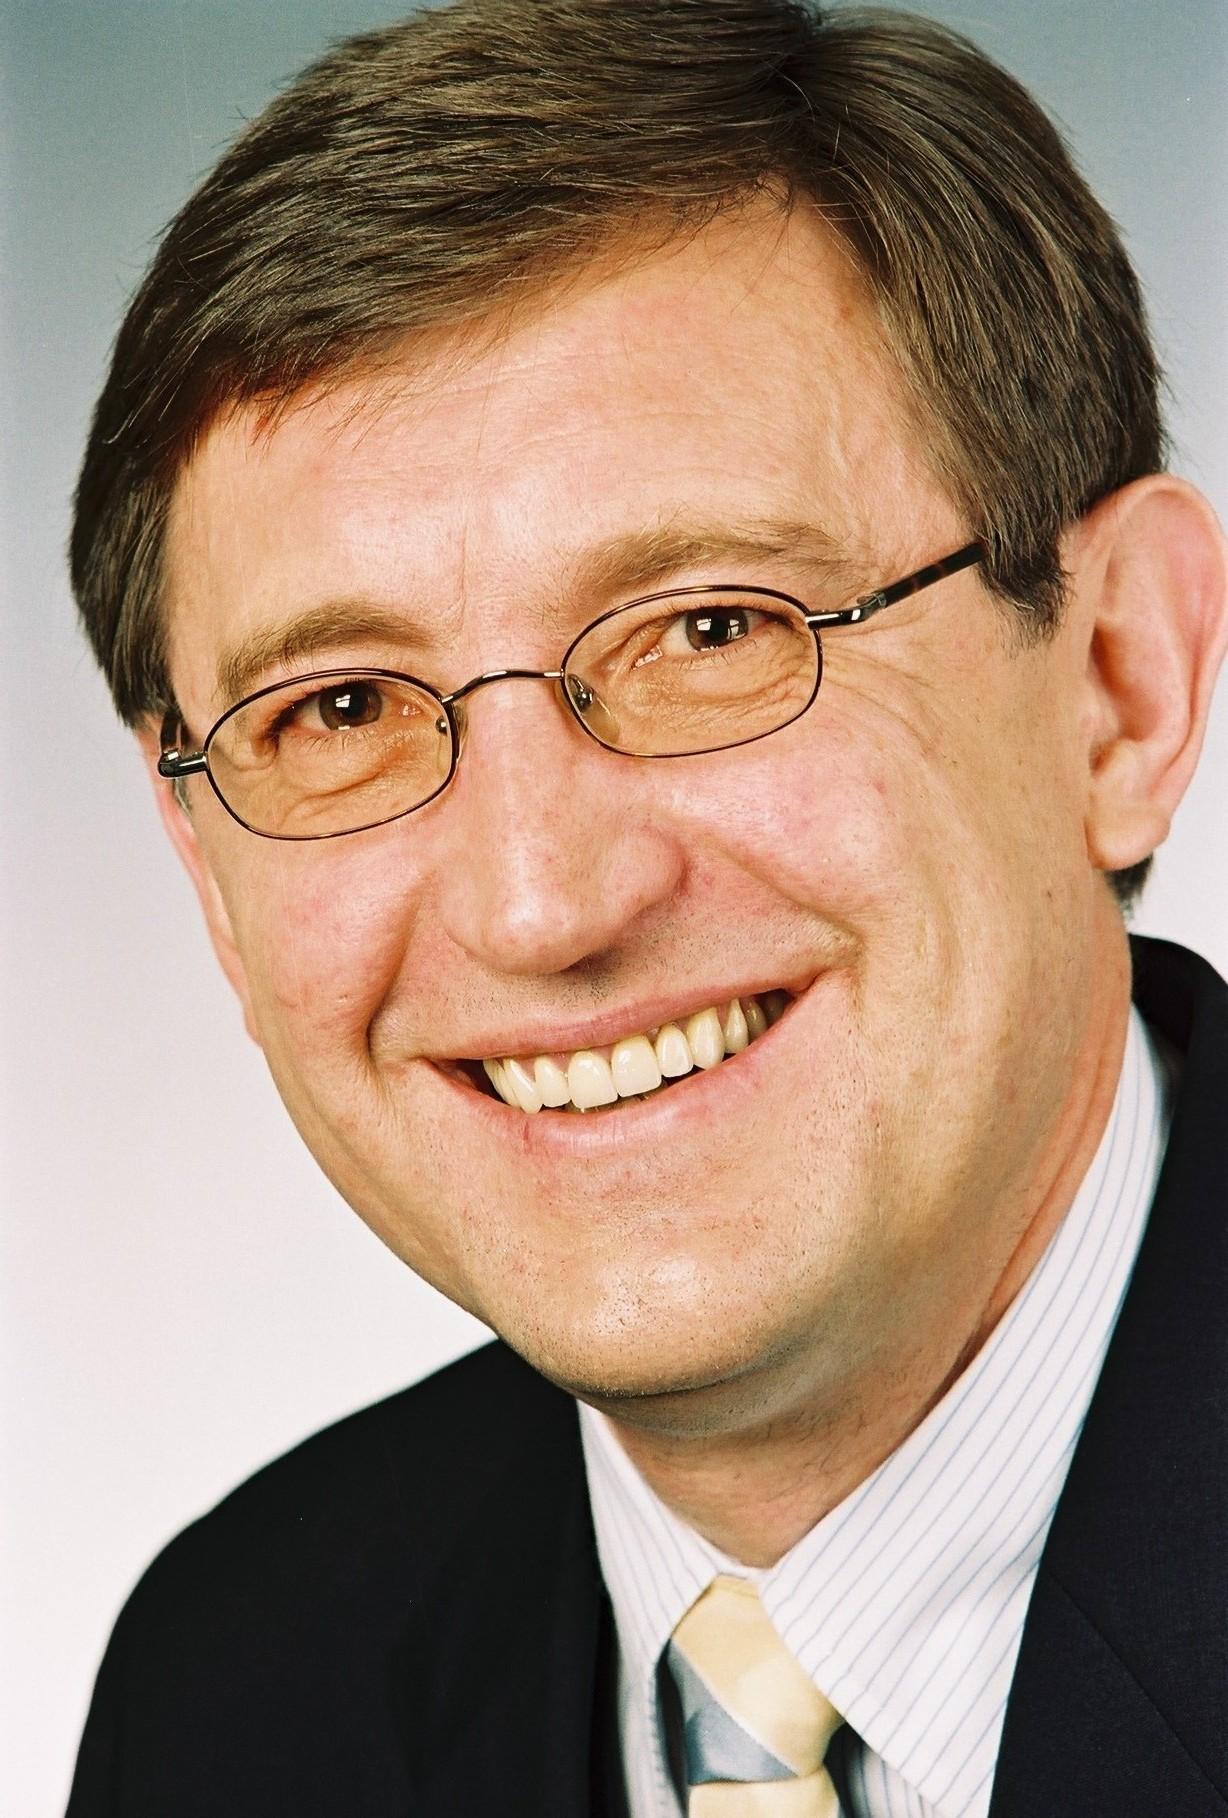 Wolfgang Damberg, Geschäftsführer der SWISSCONSULT Deutschland GmbH und Partner Finance & IT